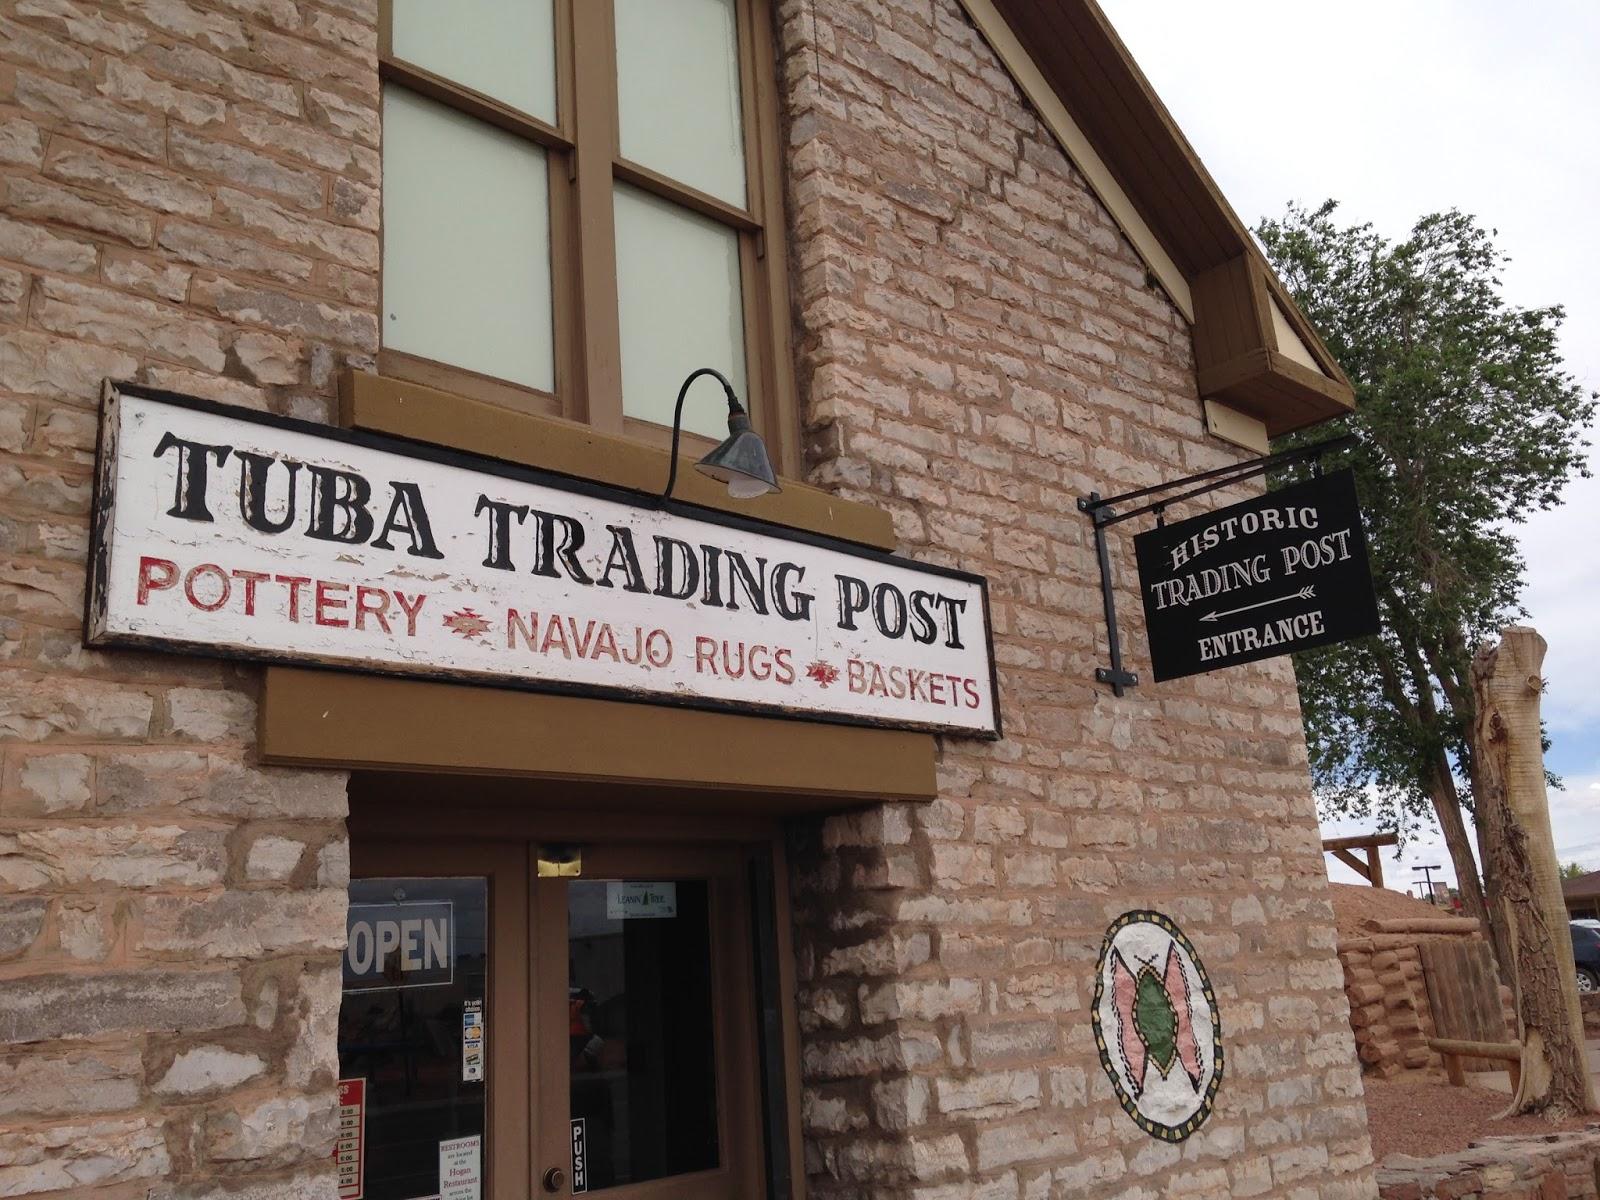 hindu single men in tuba city Find men seeking men in tuba city online datehookup is a 100% free dating site to meet gay men in tuba city, arizona.